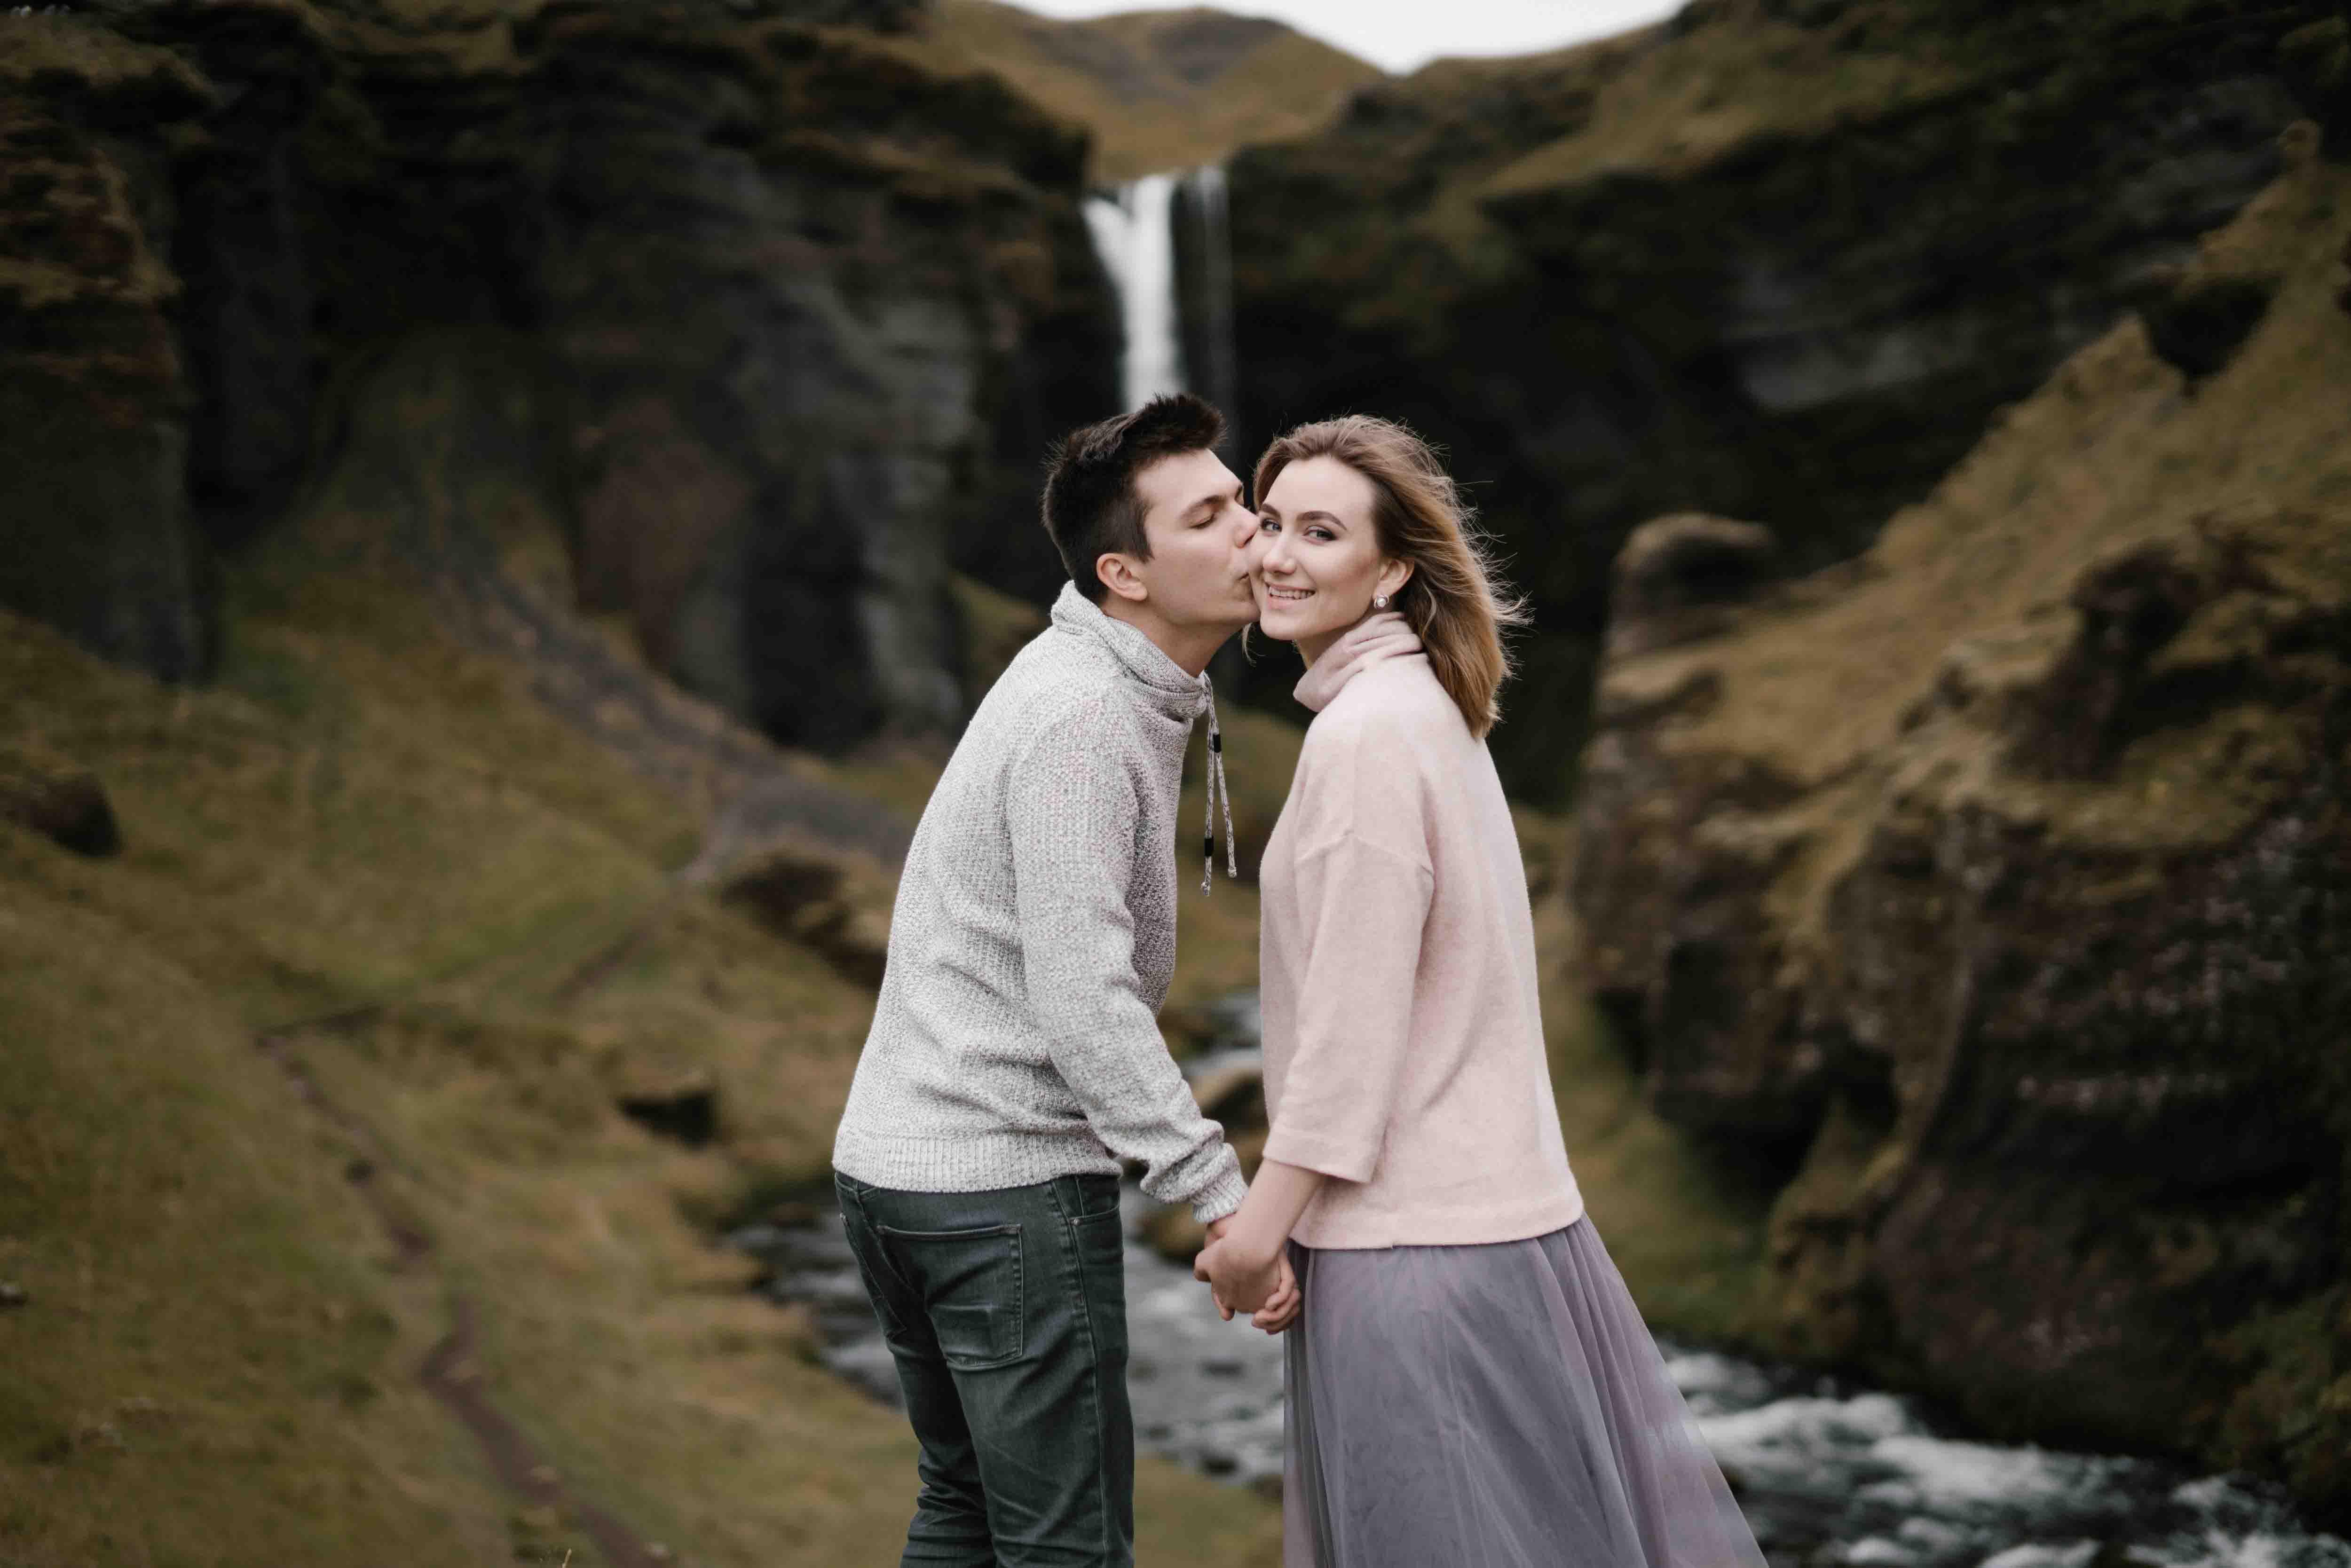 chàng trai hôn cô gái thể hiện tình yêu